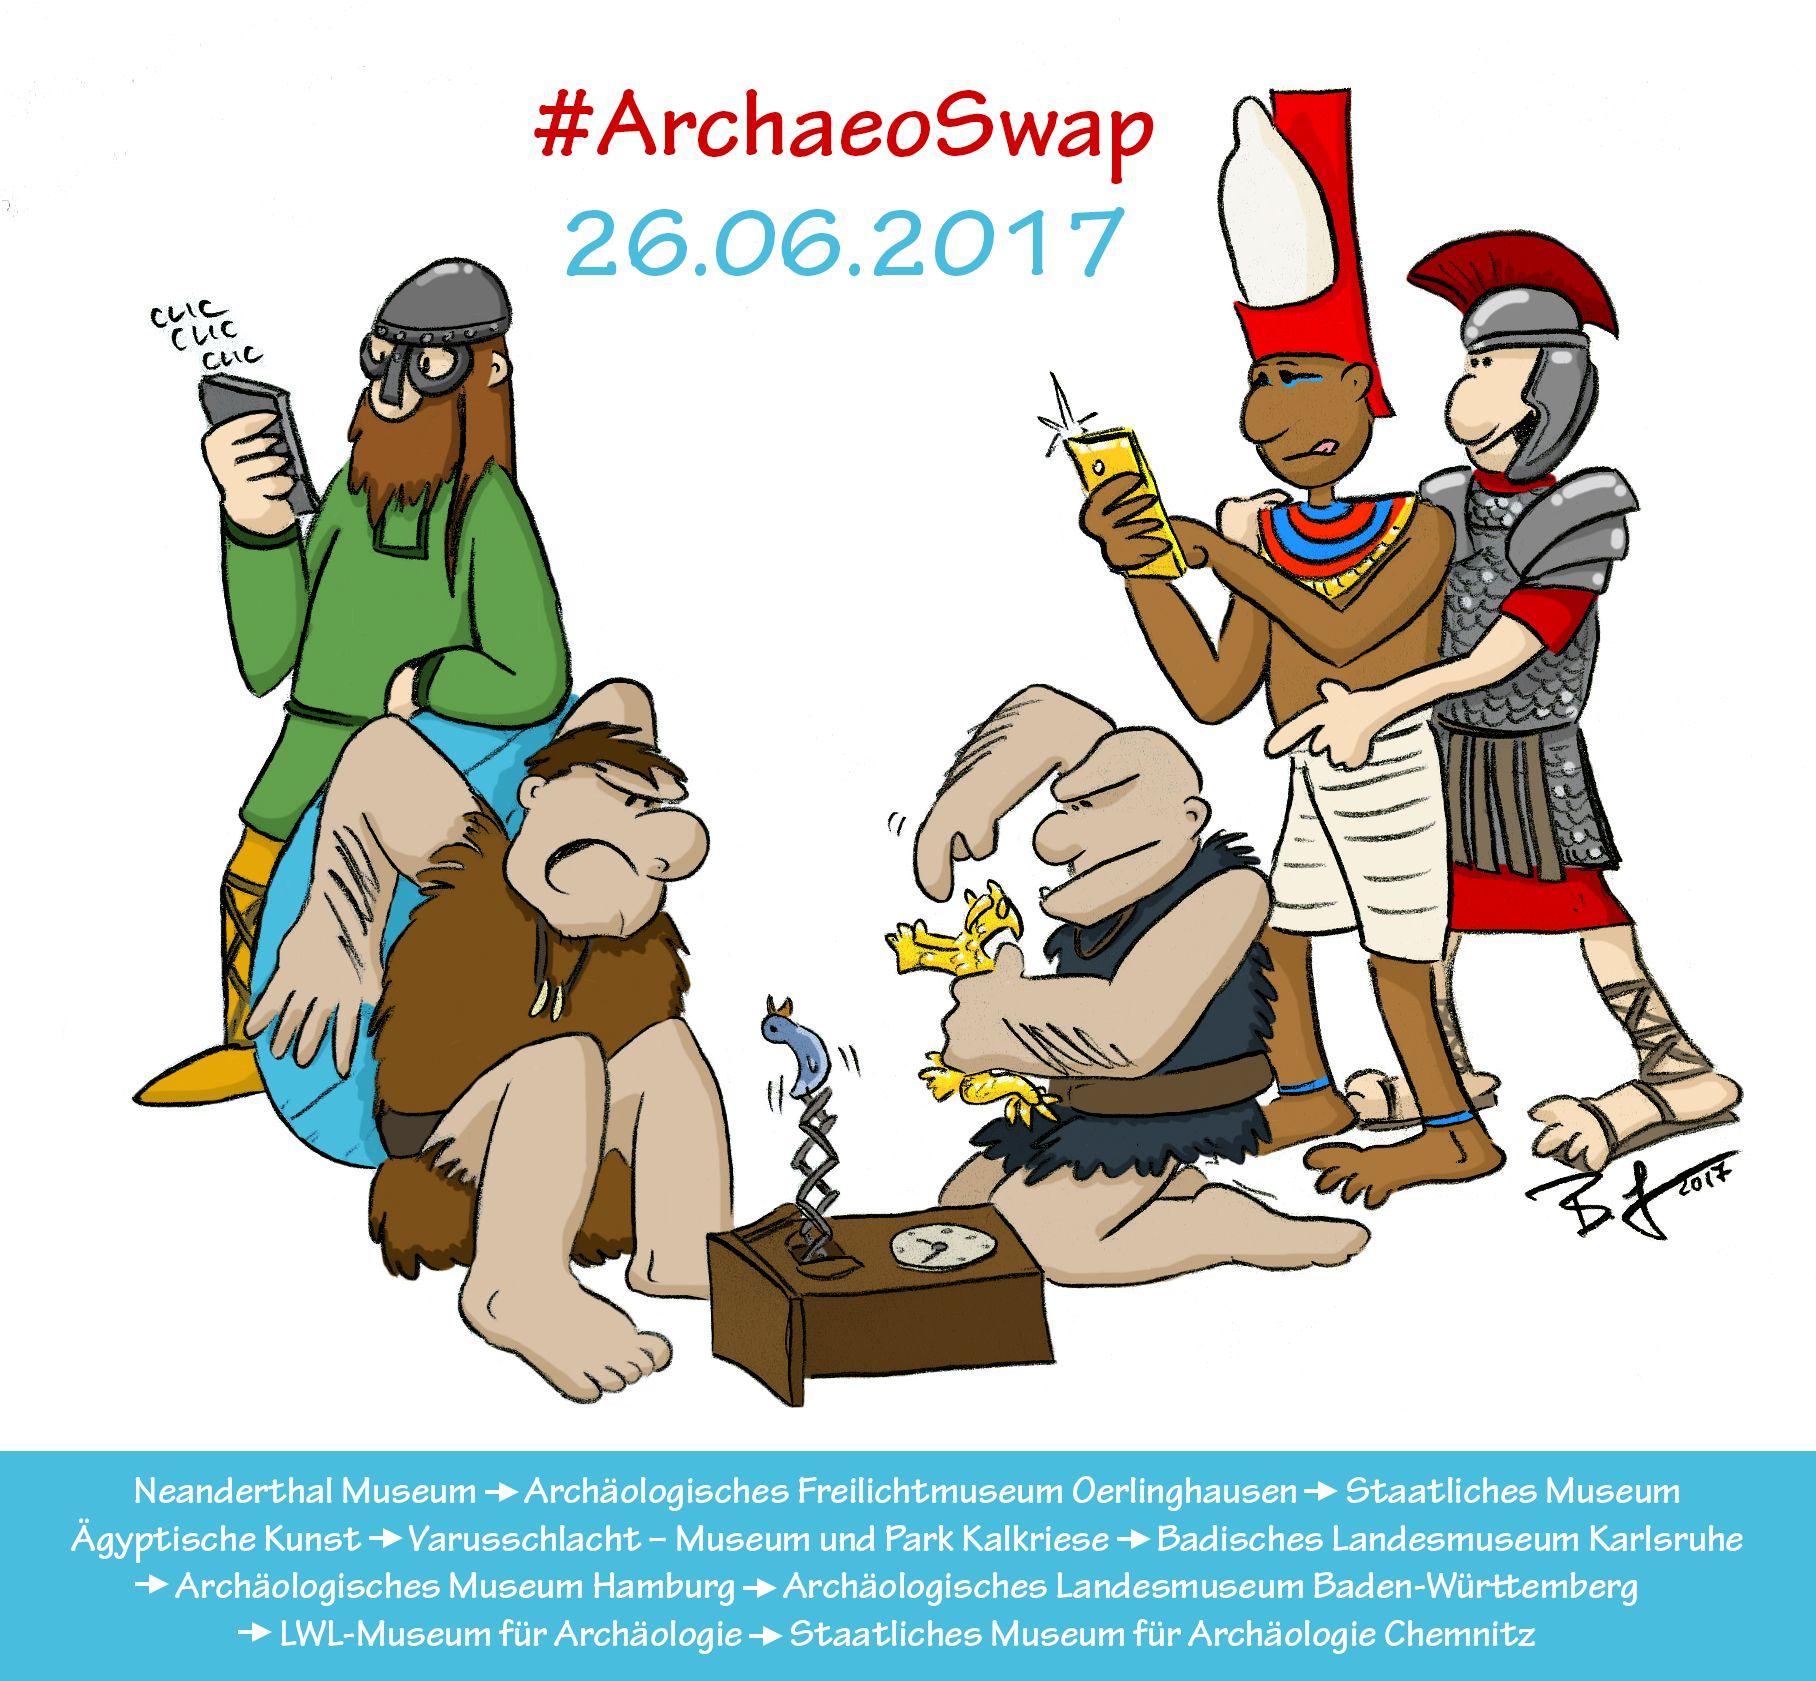 Achtung! Freundliche Übernahme! 9 archäologische Museen verlängern die #MuseumWeek um einen Tag ;)  #ArchaeoSwap Wir freuen uns schon! https://t.co/RO3d1nUIkX